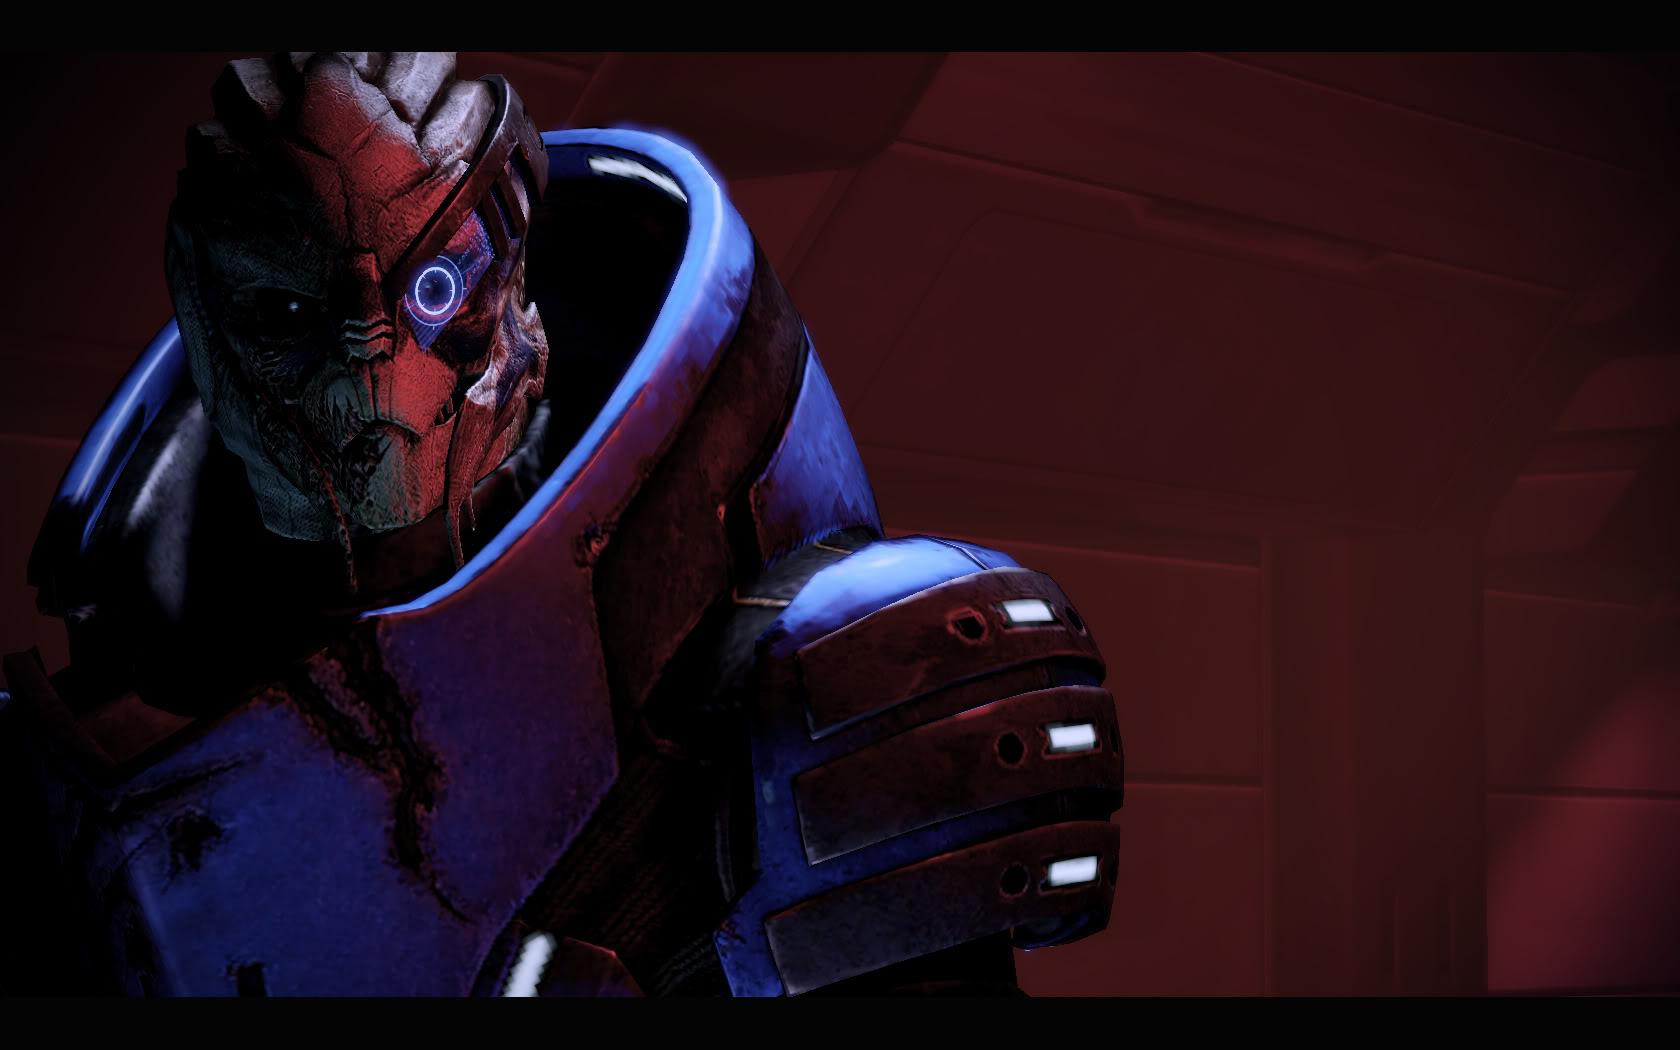 Garrus Vakarian Romance Wallpaper Garrus Vakarian in Mass Effect